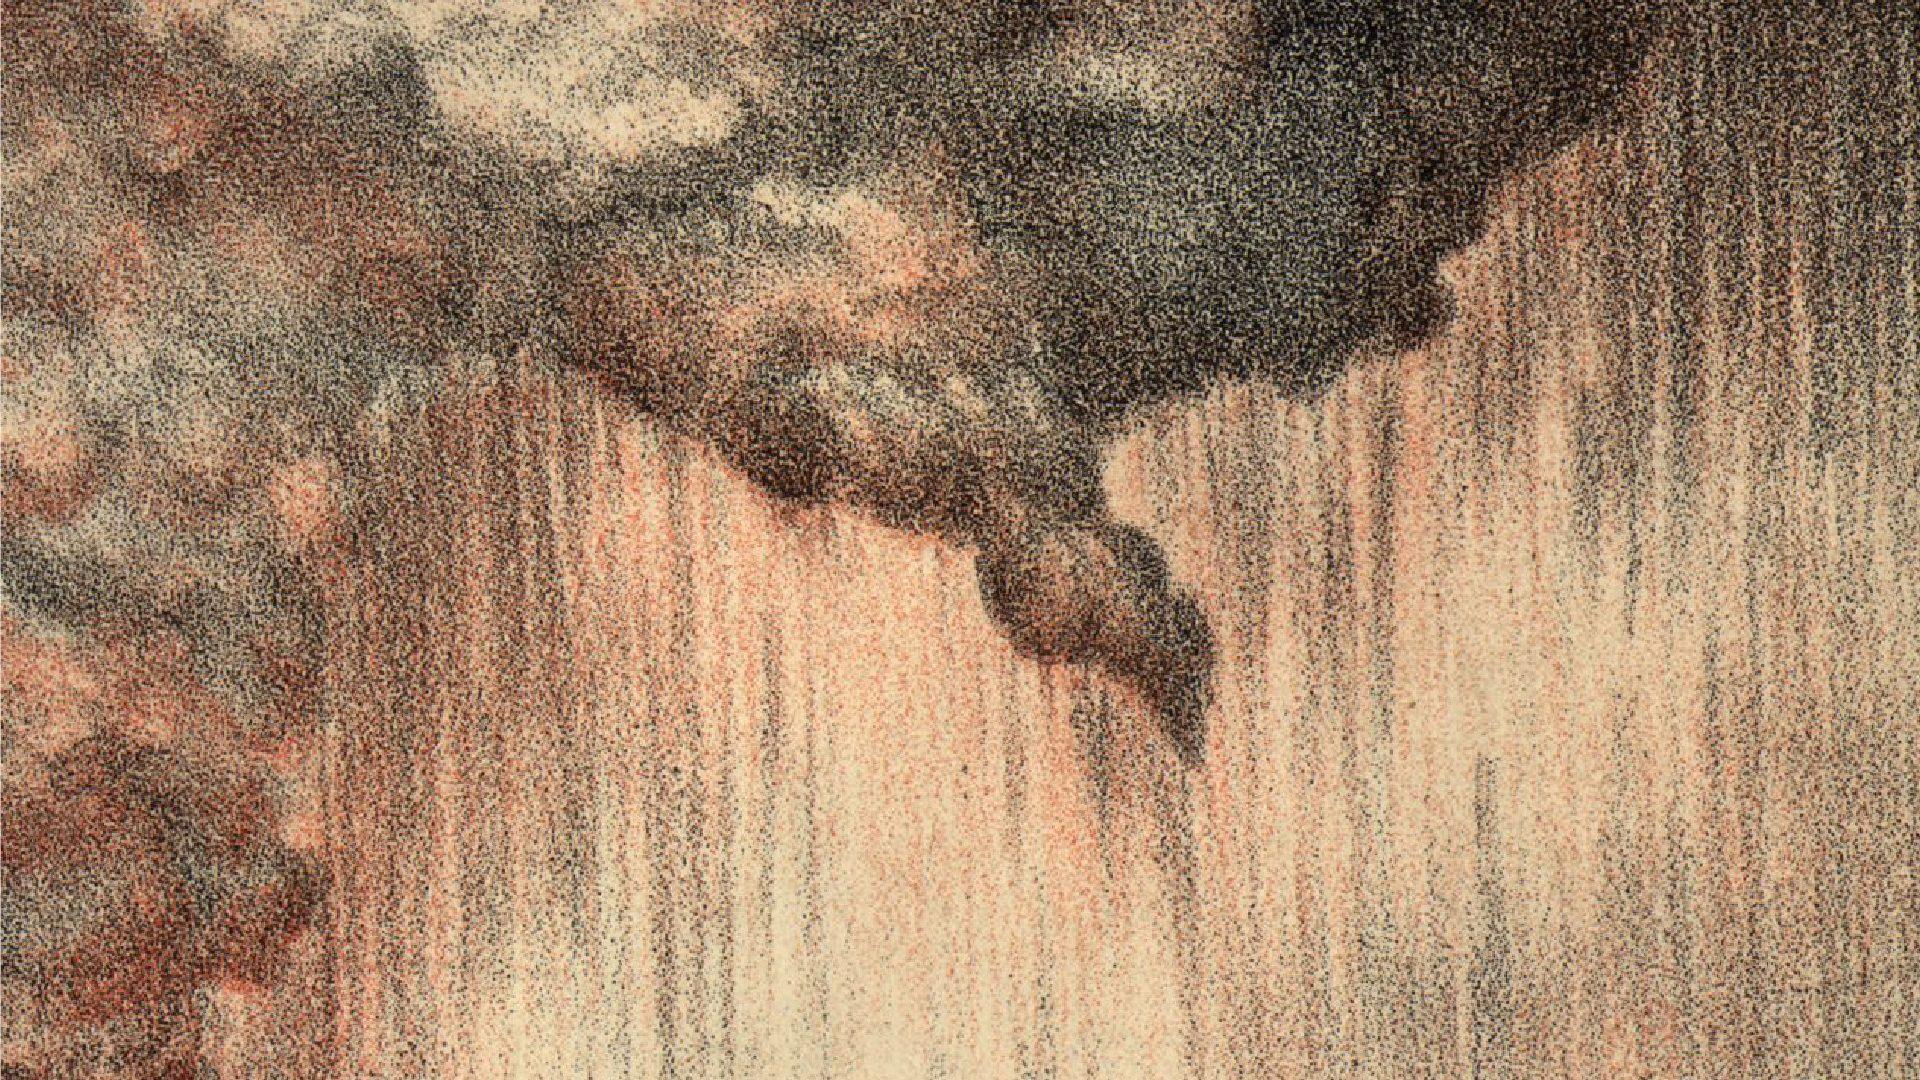 """Liepos 10 d. 21val. trečioji """"Krakatau"""" laida - improvizacinis kontaktas su keturiais patefonais ir krūva plokštelių."""